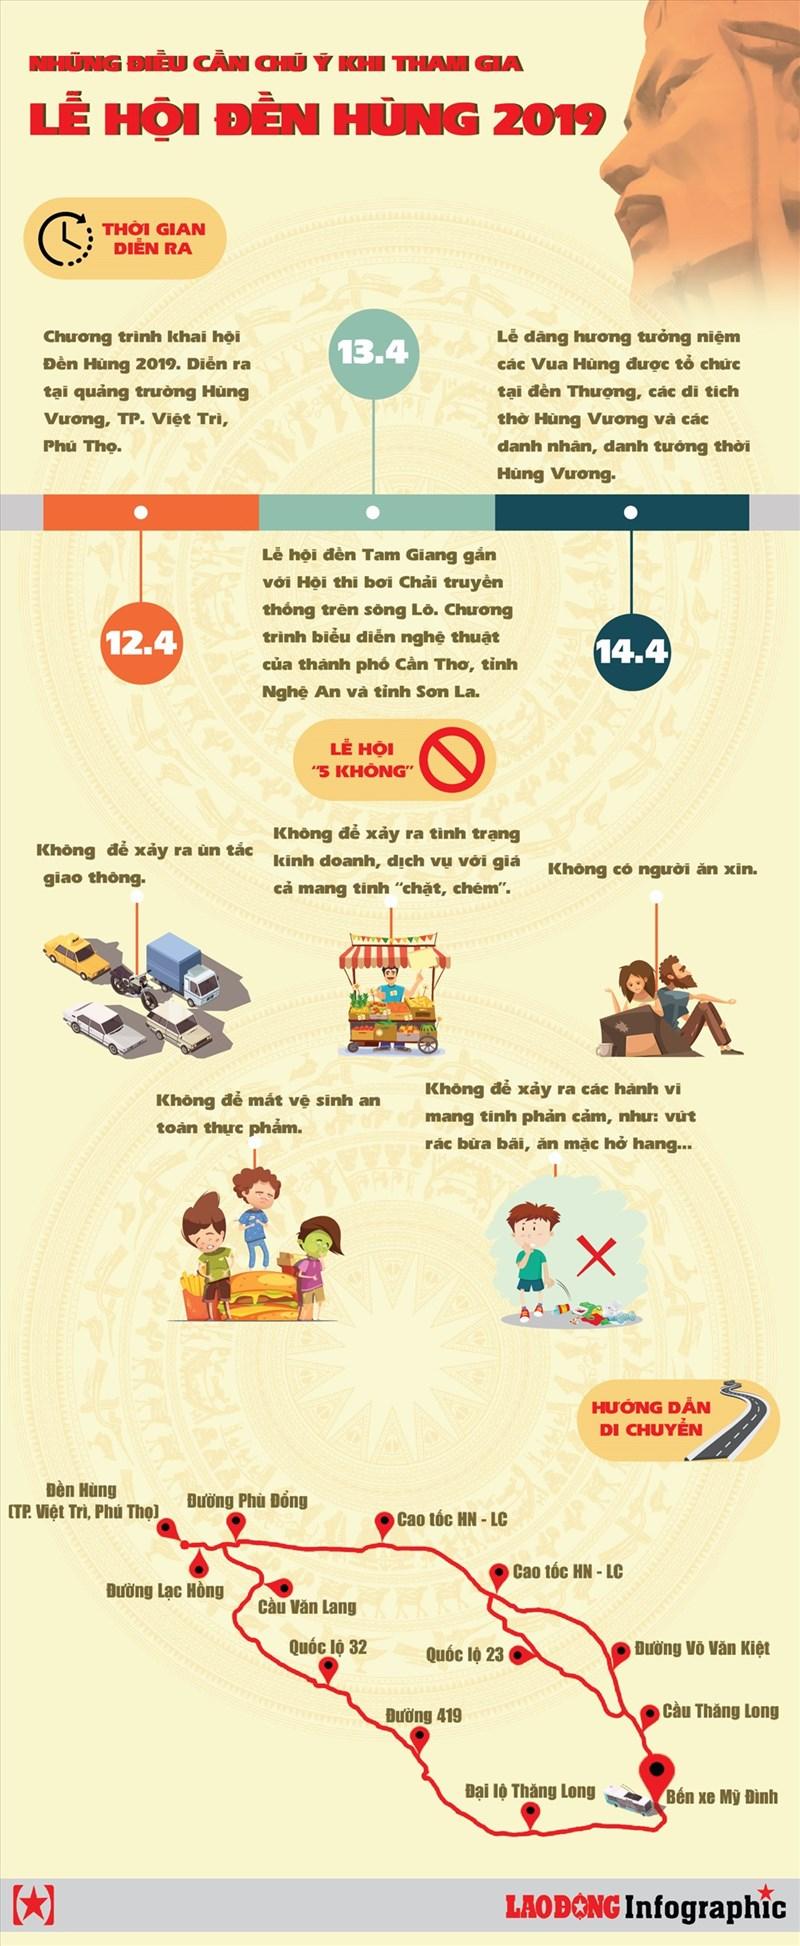 [Infographic] Những điều không nên bỏ qua khi đến lễ hội đền Hùng 2019 - Ảnh 1